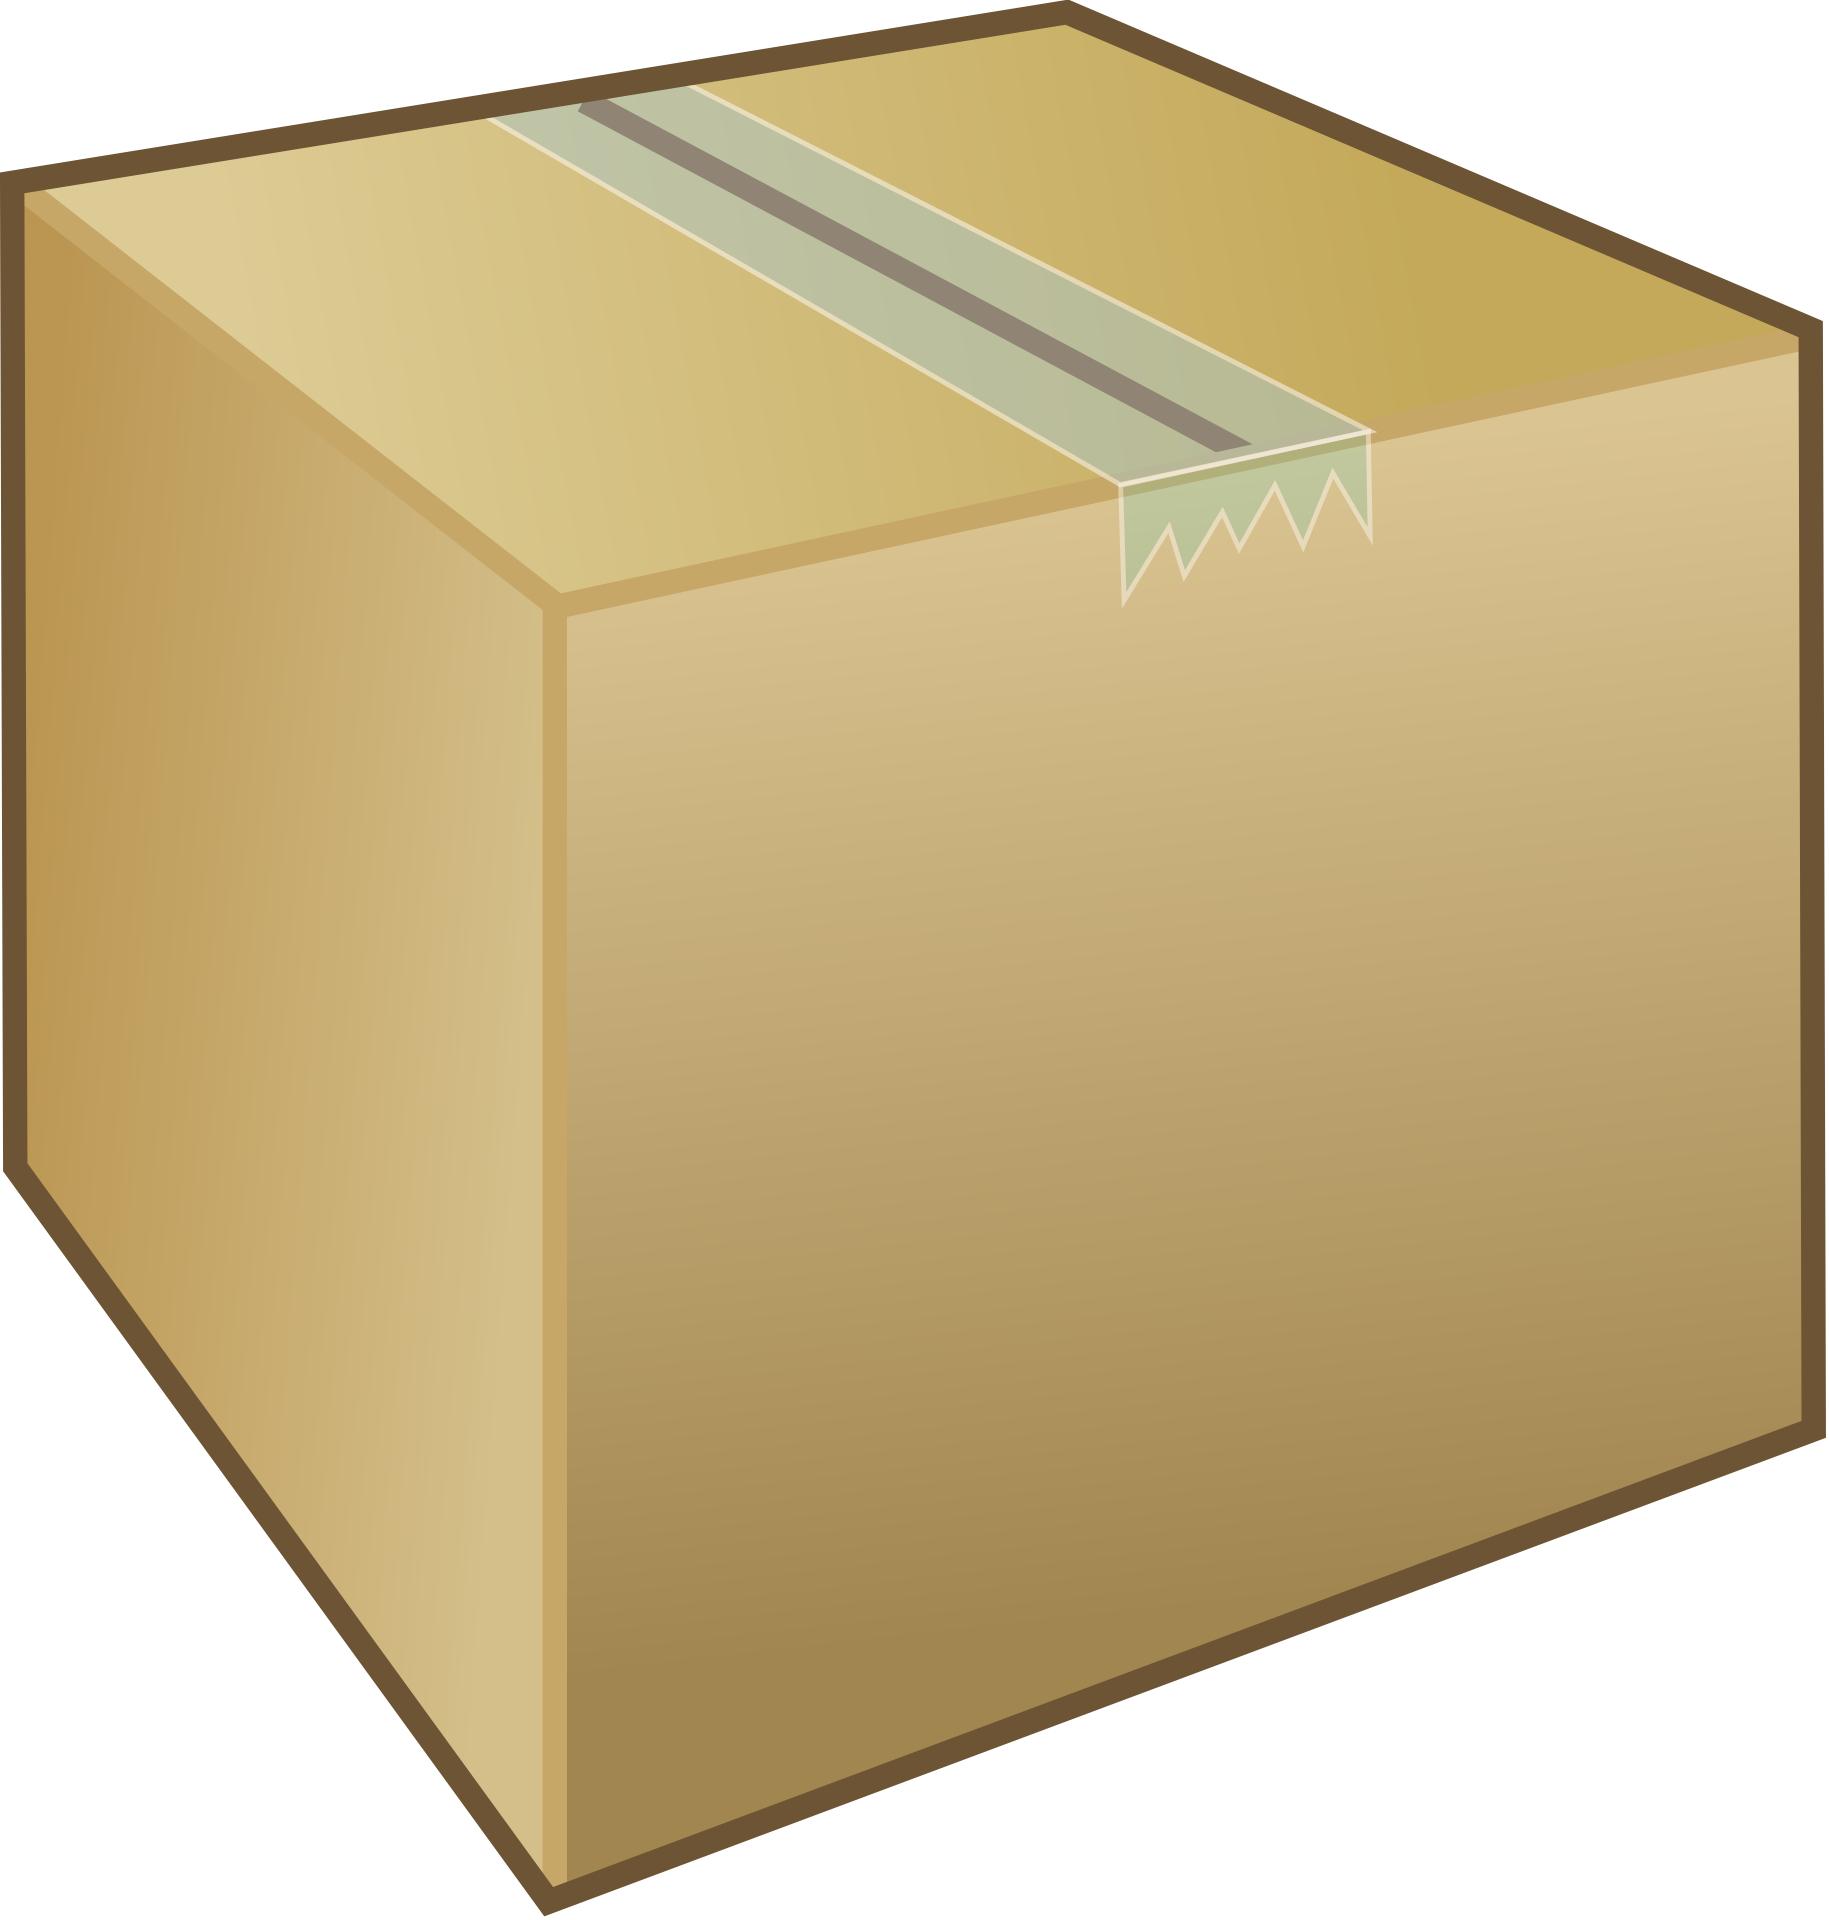 Brown Box Airtight Carboard Carton Vector Free Psd